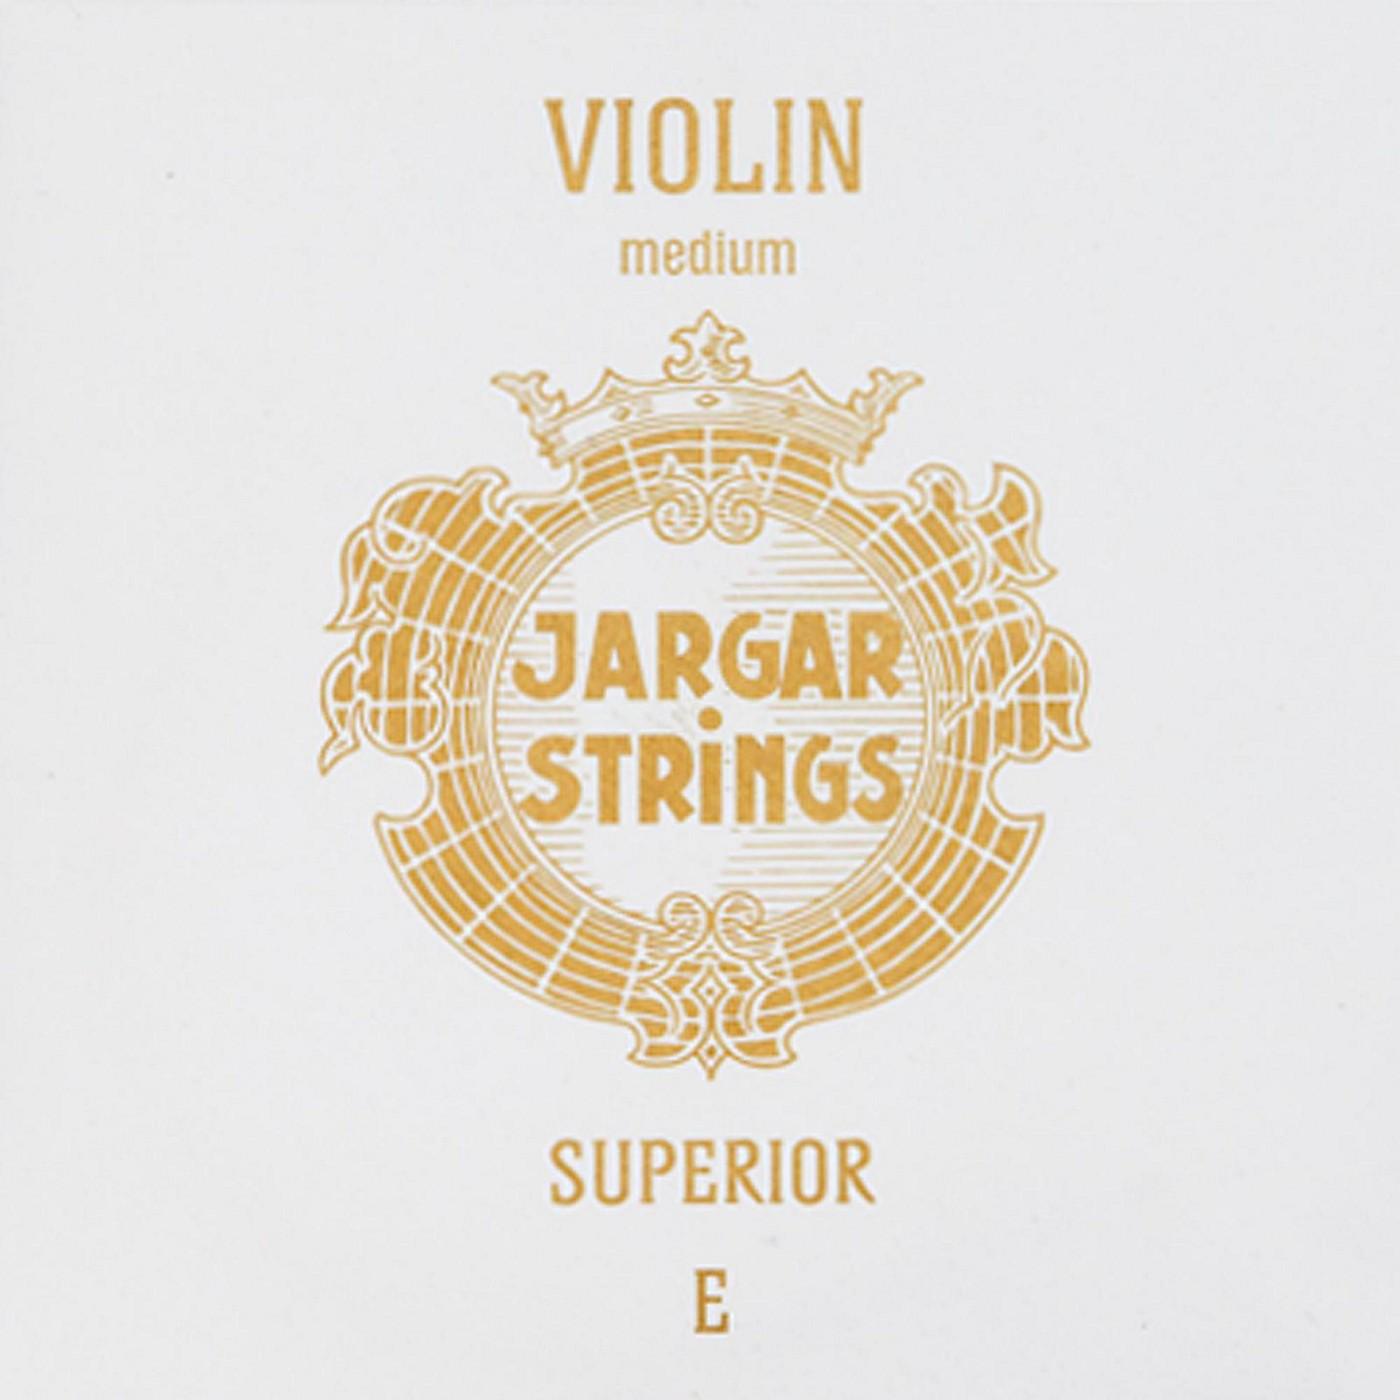 Jargar Superior Series Tin Plated Violin E String thumbnail